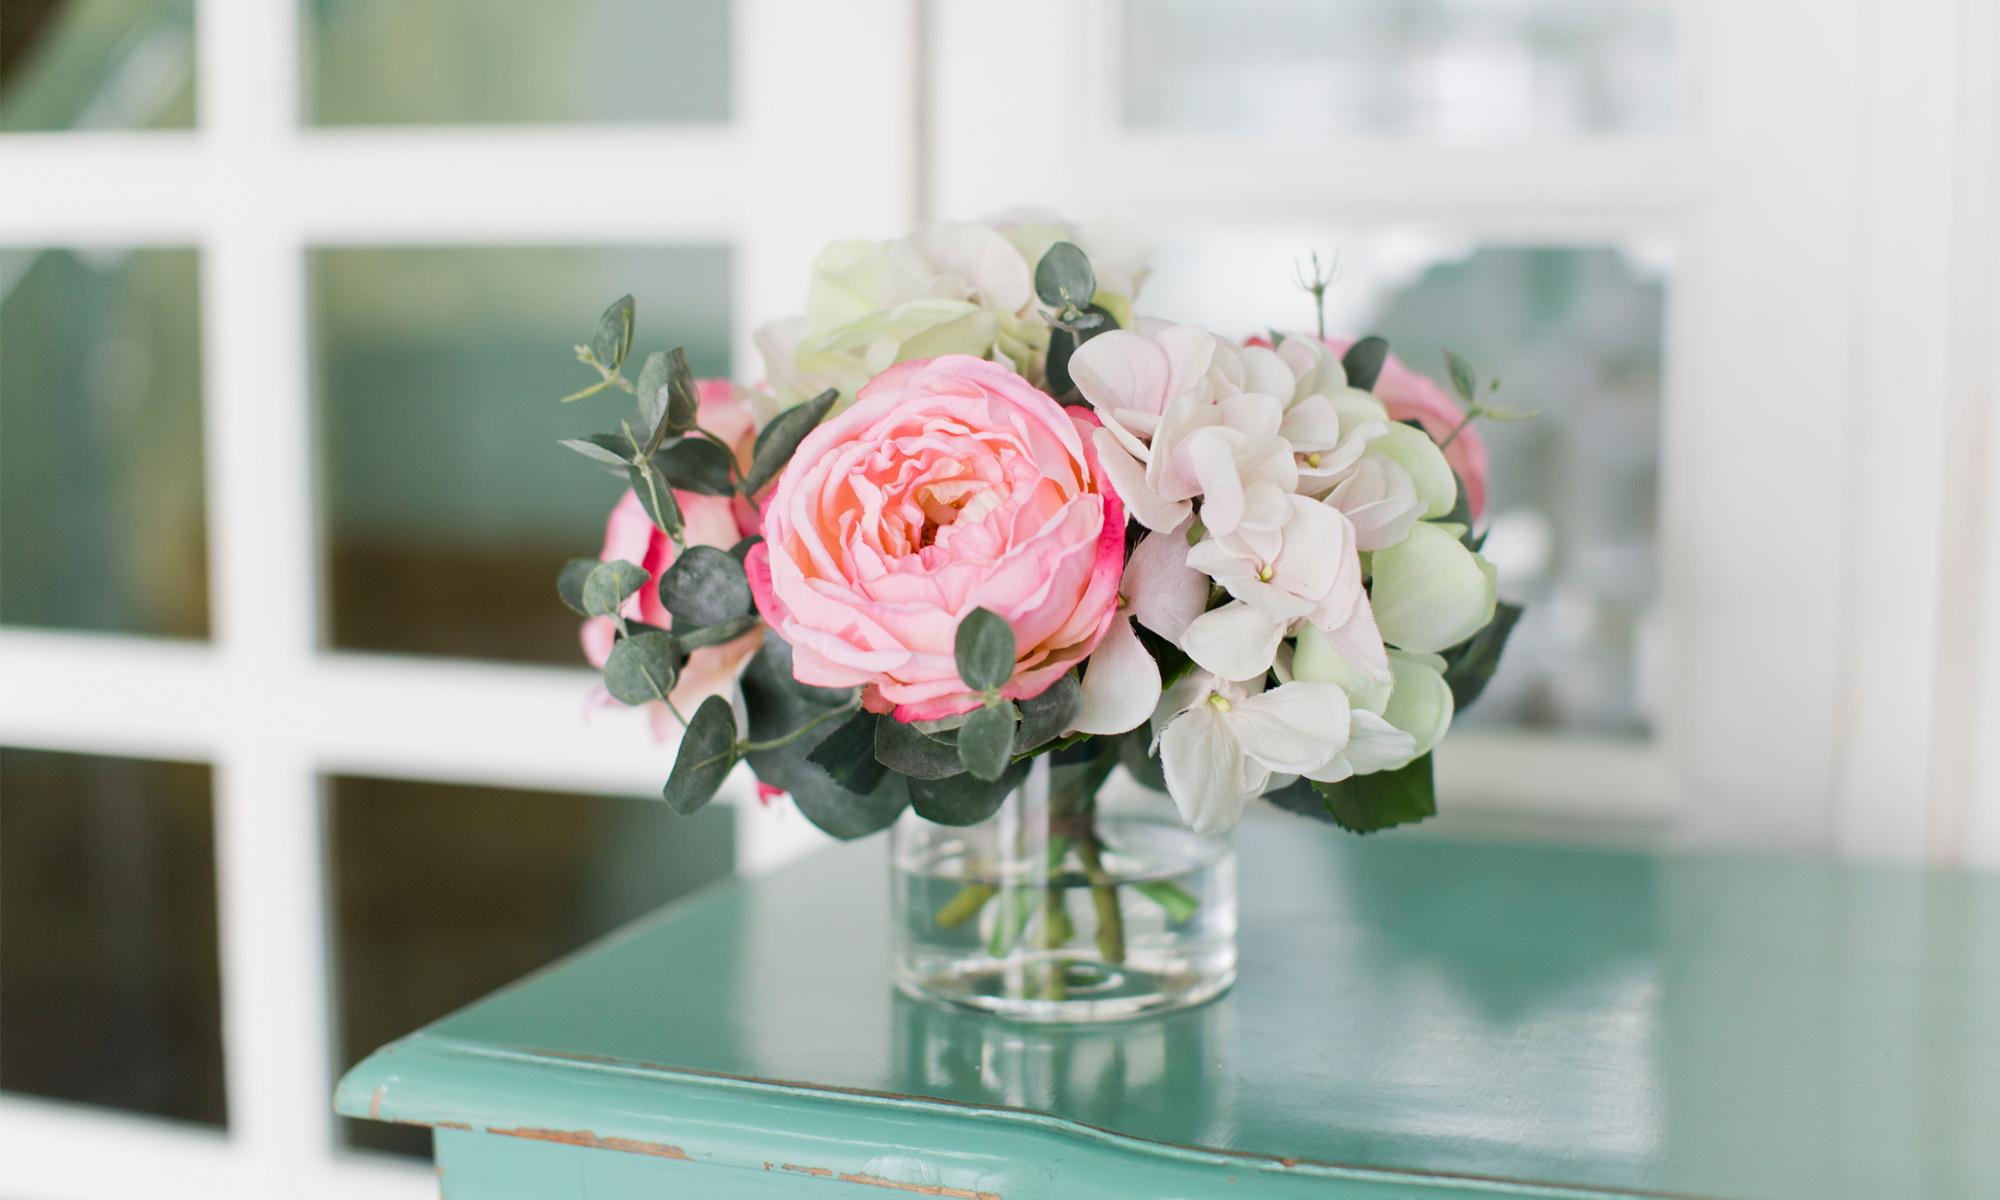 Купить Композиция из искусственных цветов - нежная гортензия, розы, эвкалипт, inmyroom, Россия